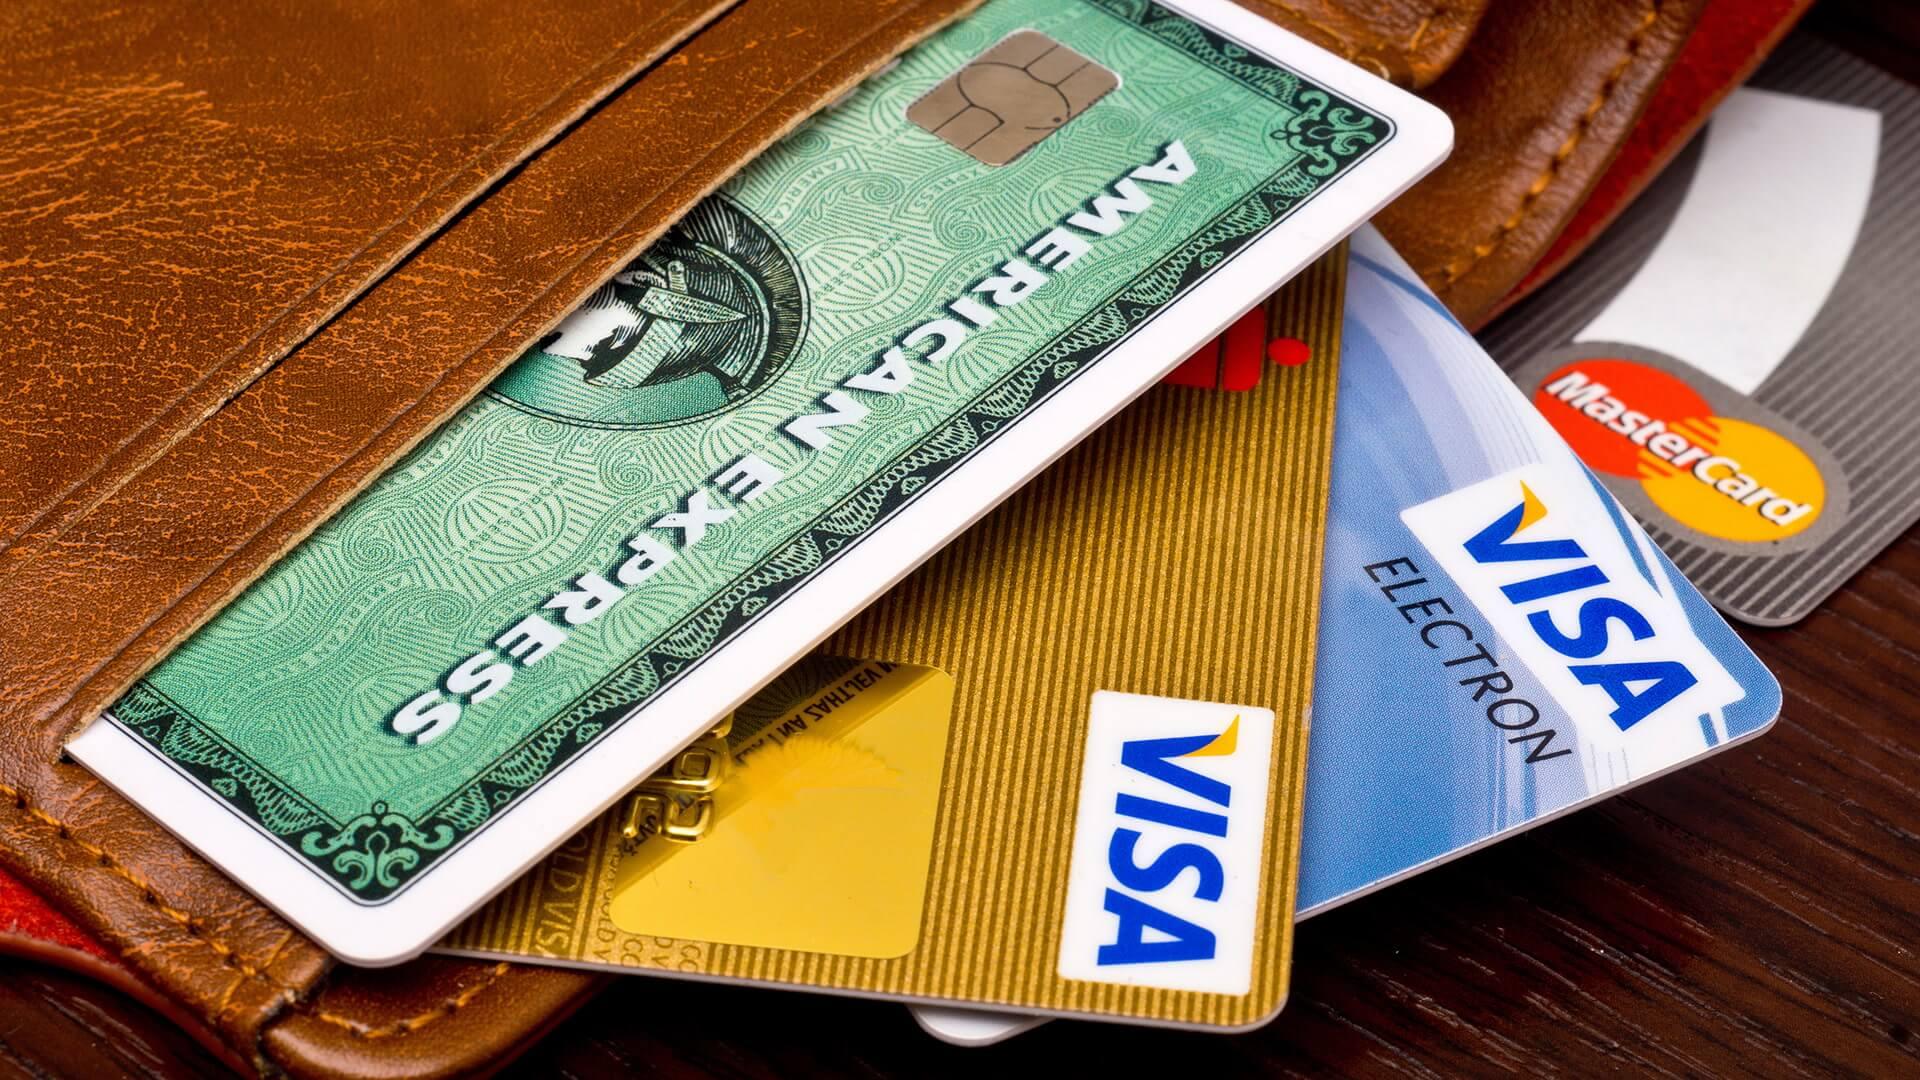 best rewards credit cards of 2017 gobankingrates - Best Credit Card Rewards Offers